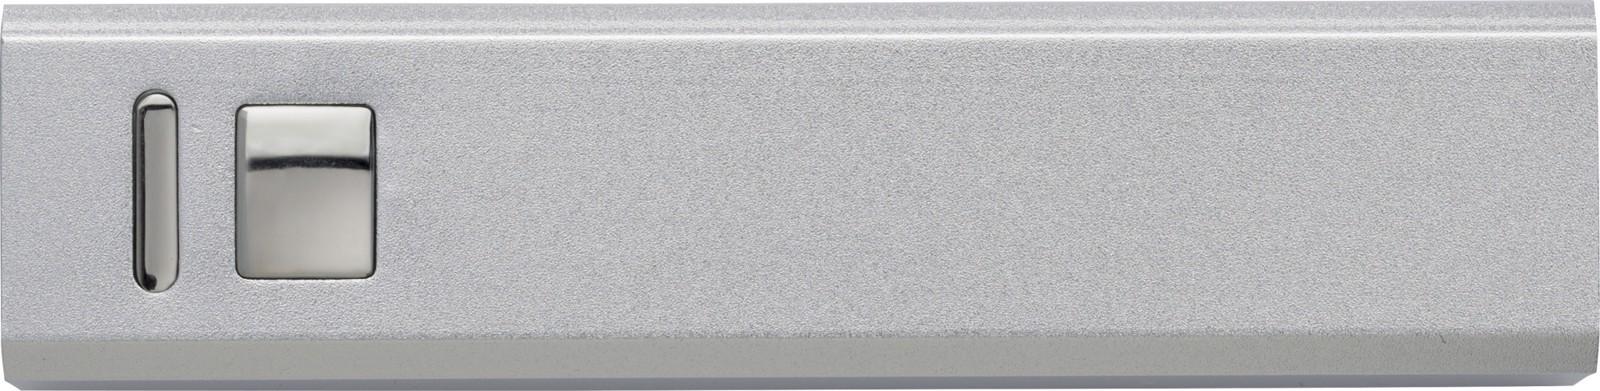 Aluminium power bank - Silver